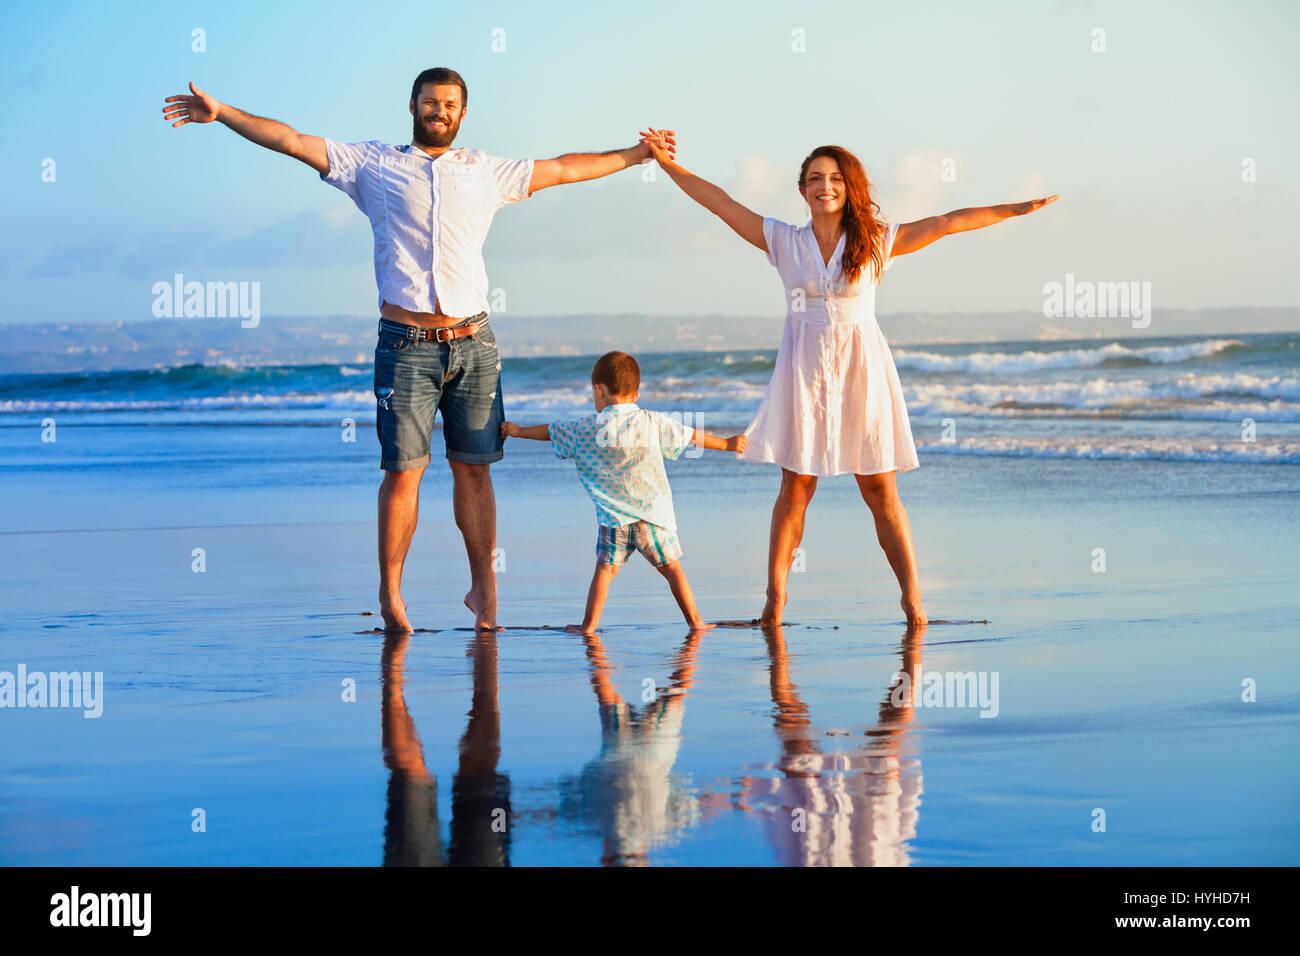 Happy Family - père, mère, fils de bébé tenir la main, marcher et sauter ensemble par l'eau Photo Stock